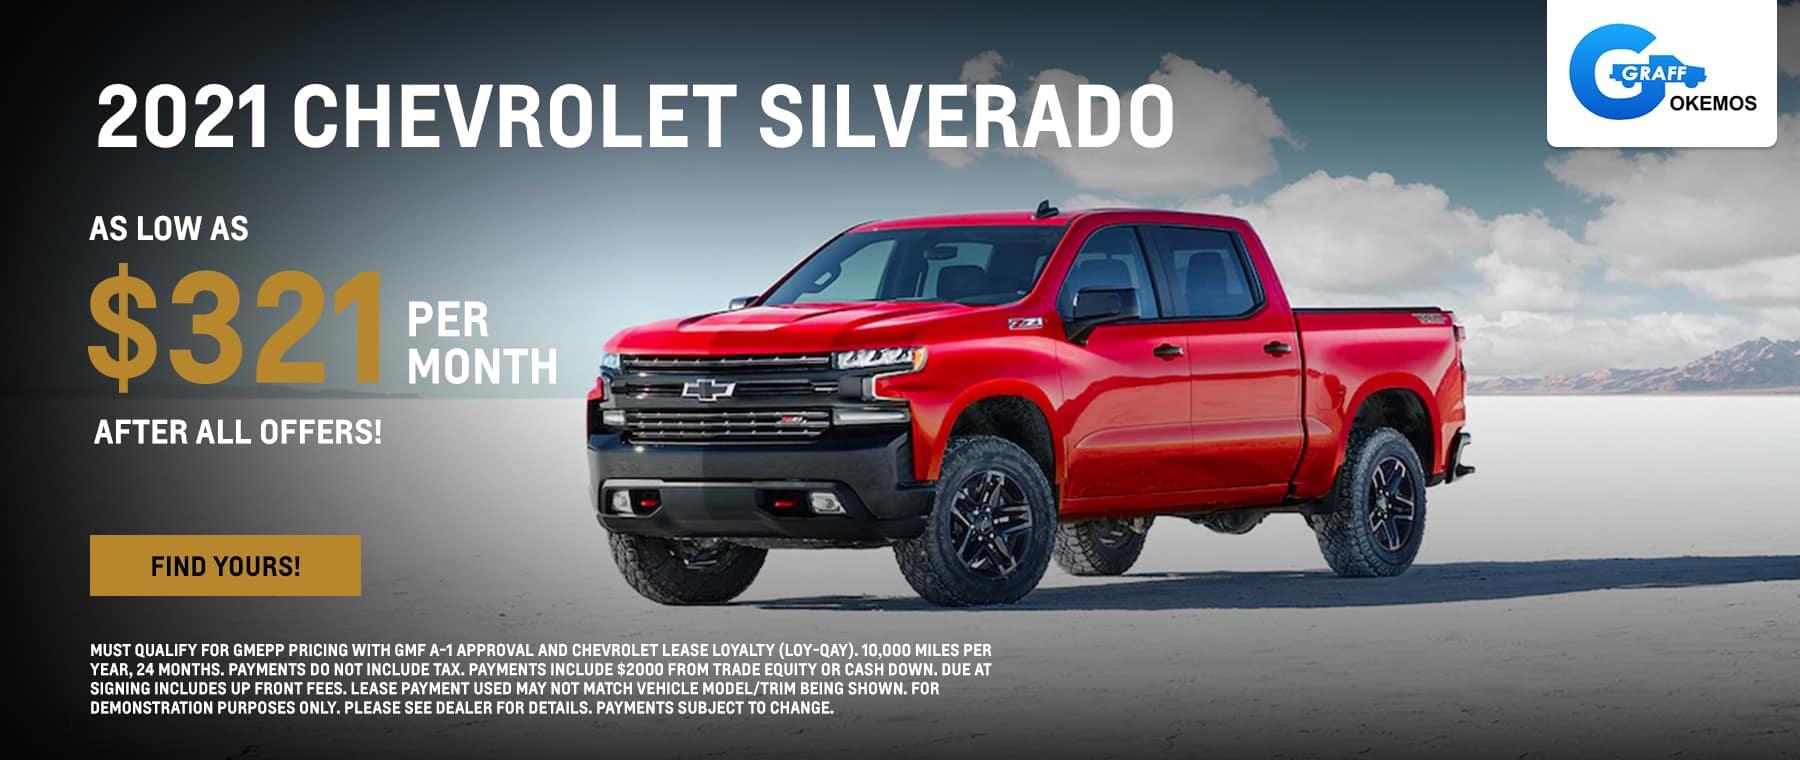 New 2021 Silverado